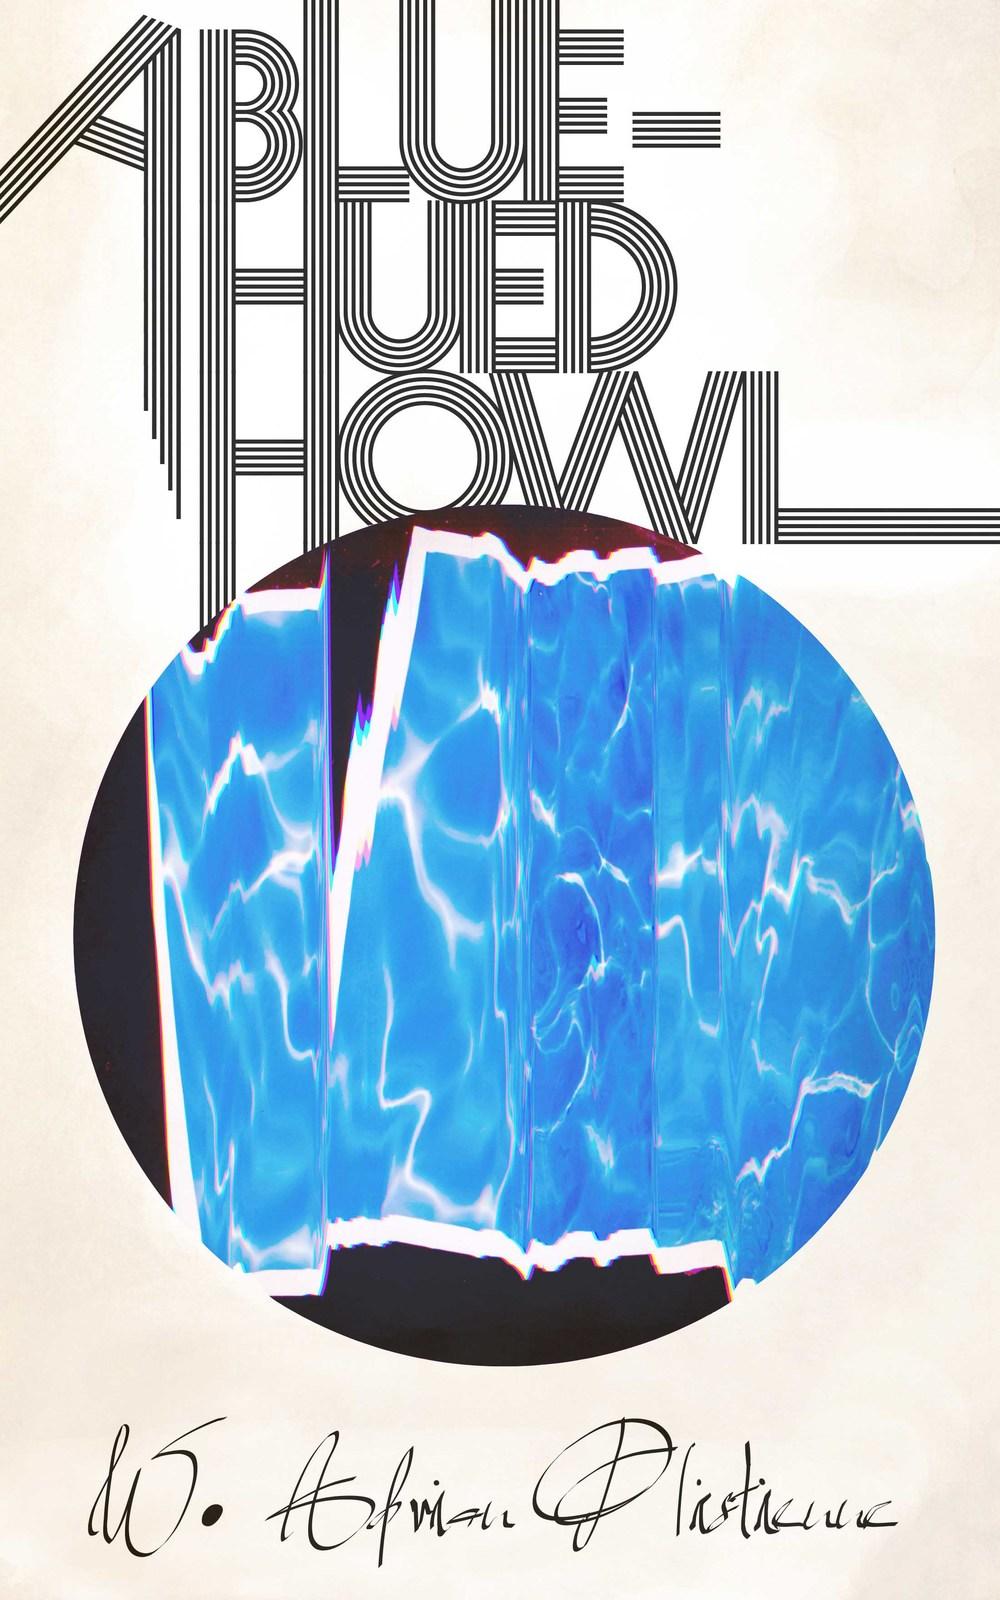 A BLUE-HUED HOWL by W. Adrian Plistienne